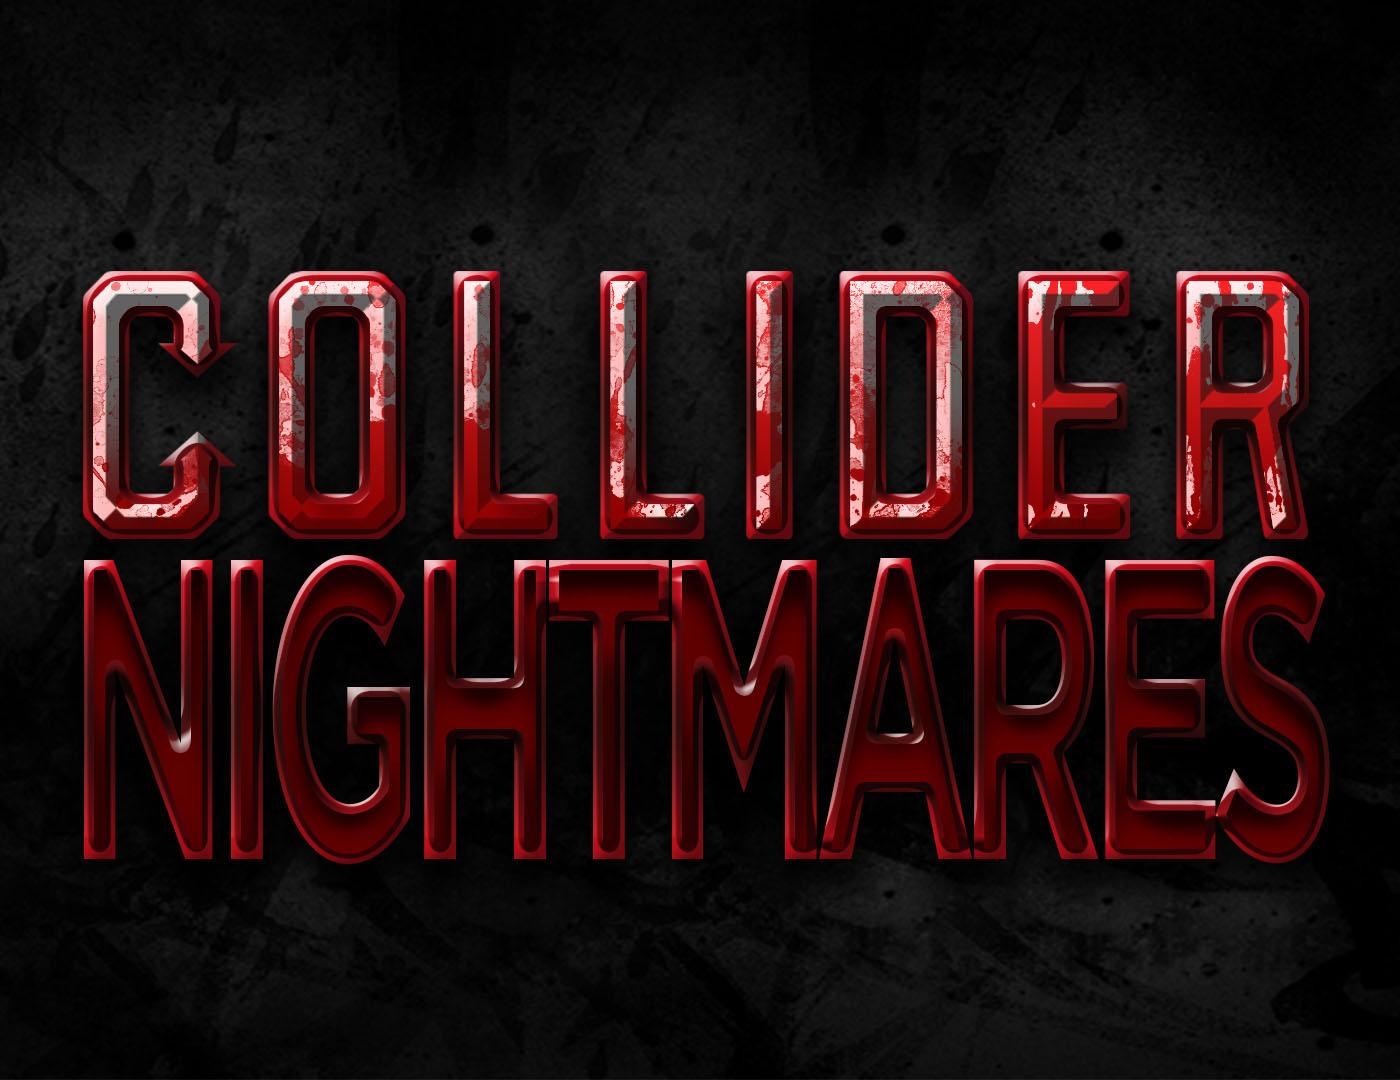 Halloween Reboot Finds New Director, The Invitation's Karyn Kusama In Studio - Collider Nightmares